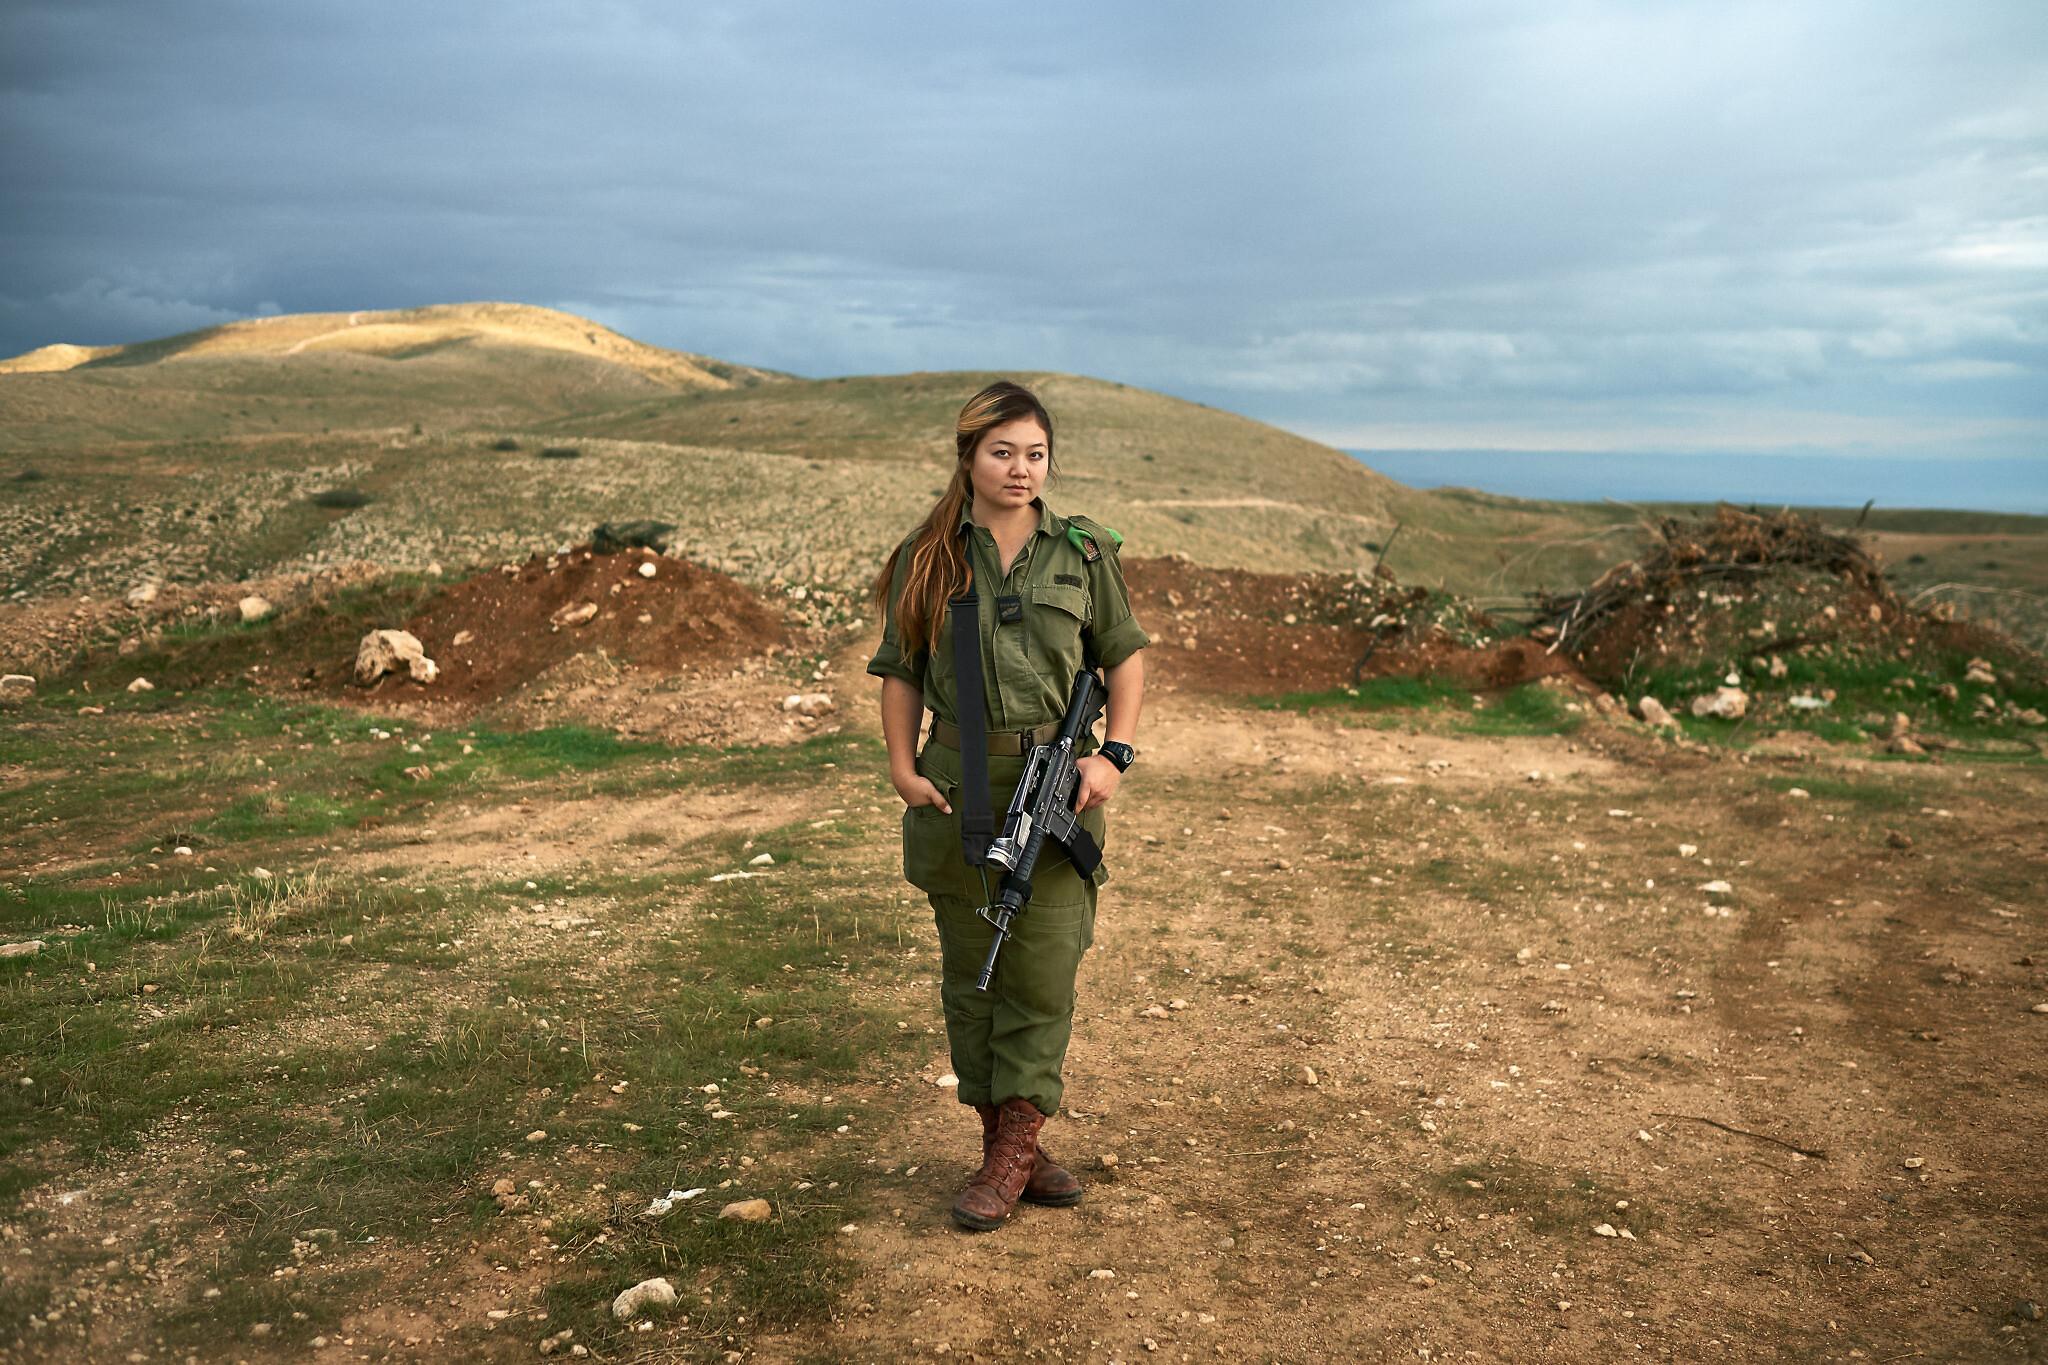 'Emily, 19. Undisclosed, Uzbekistan. Infantry' (Brant Slomovic)